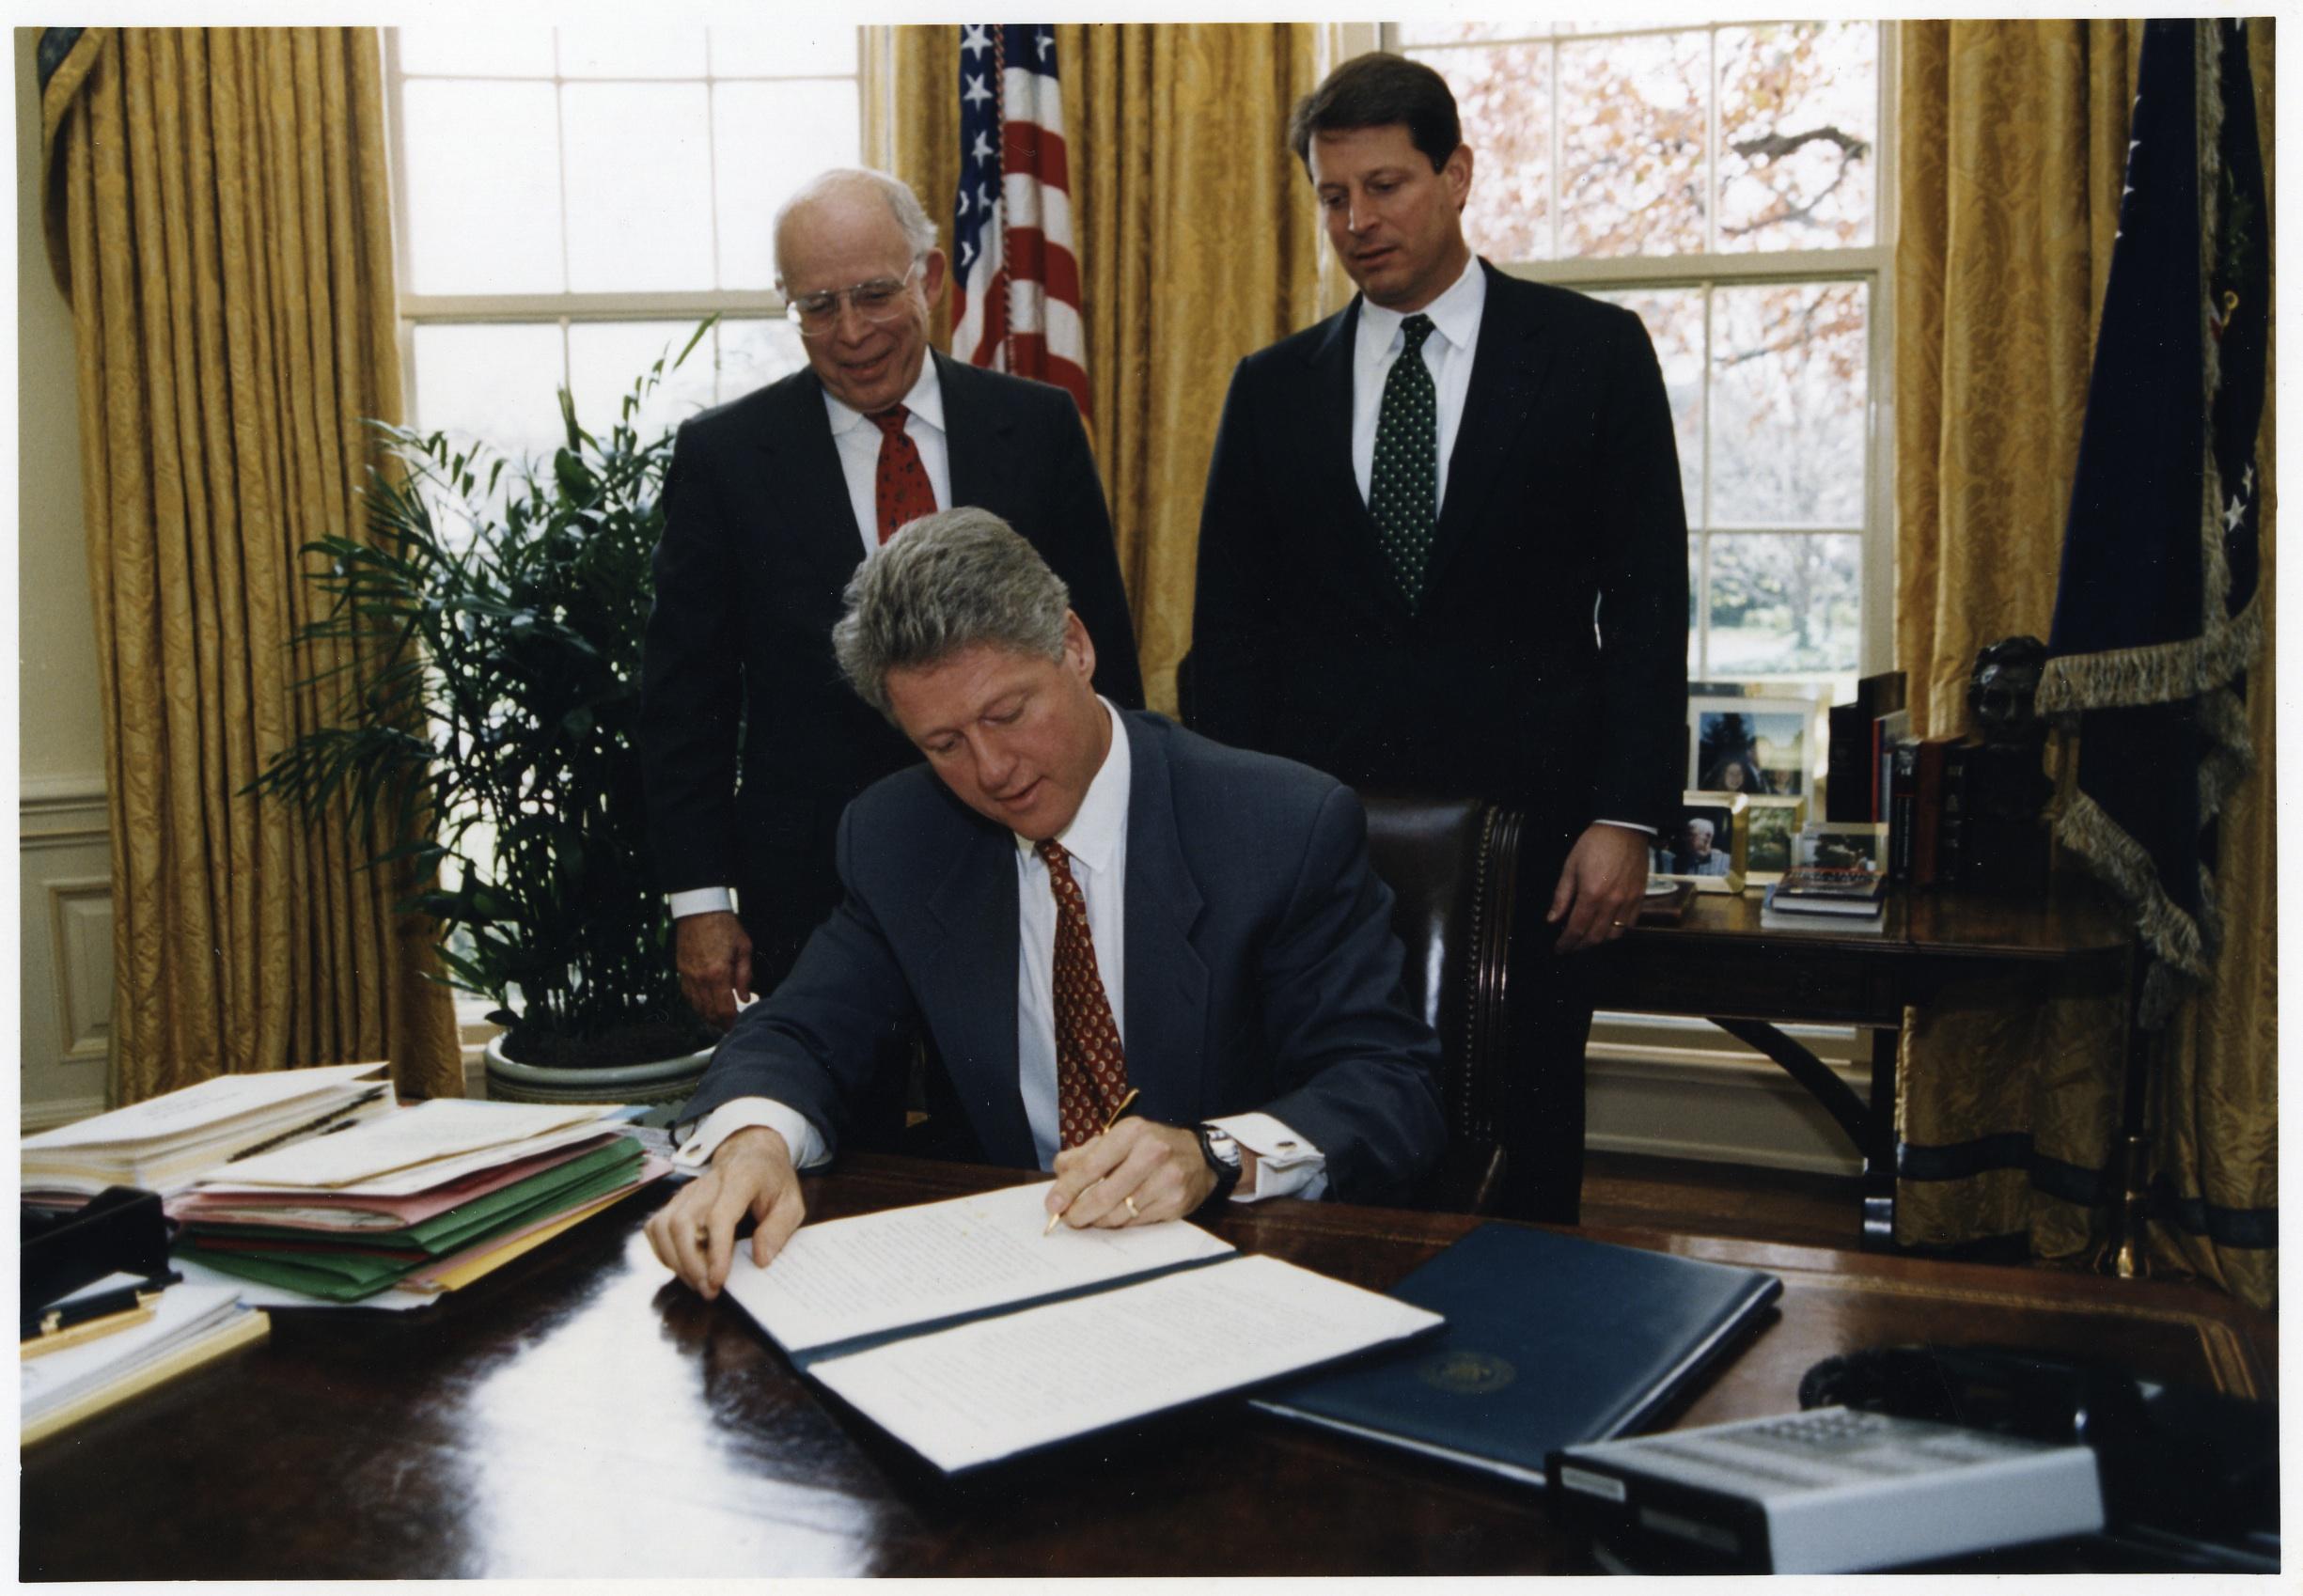 Gibbons y Clinton 2